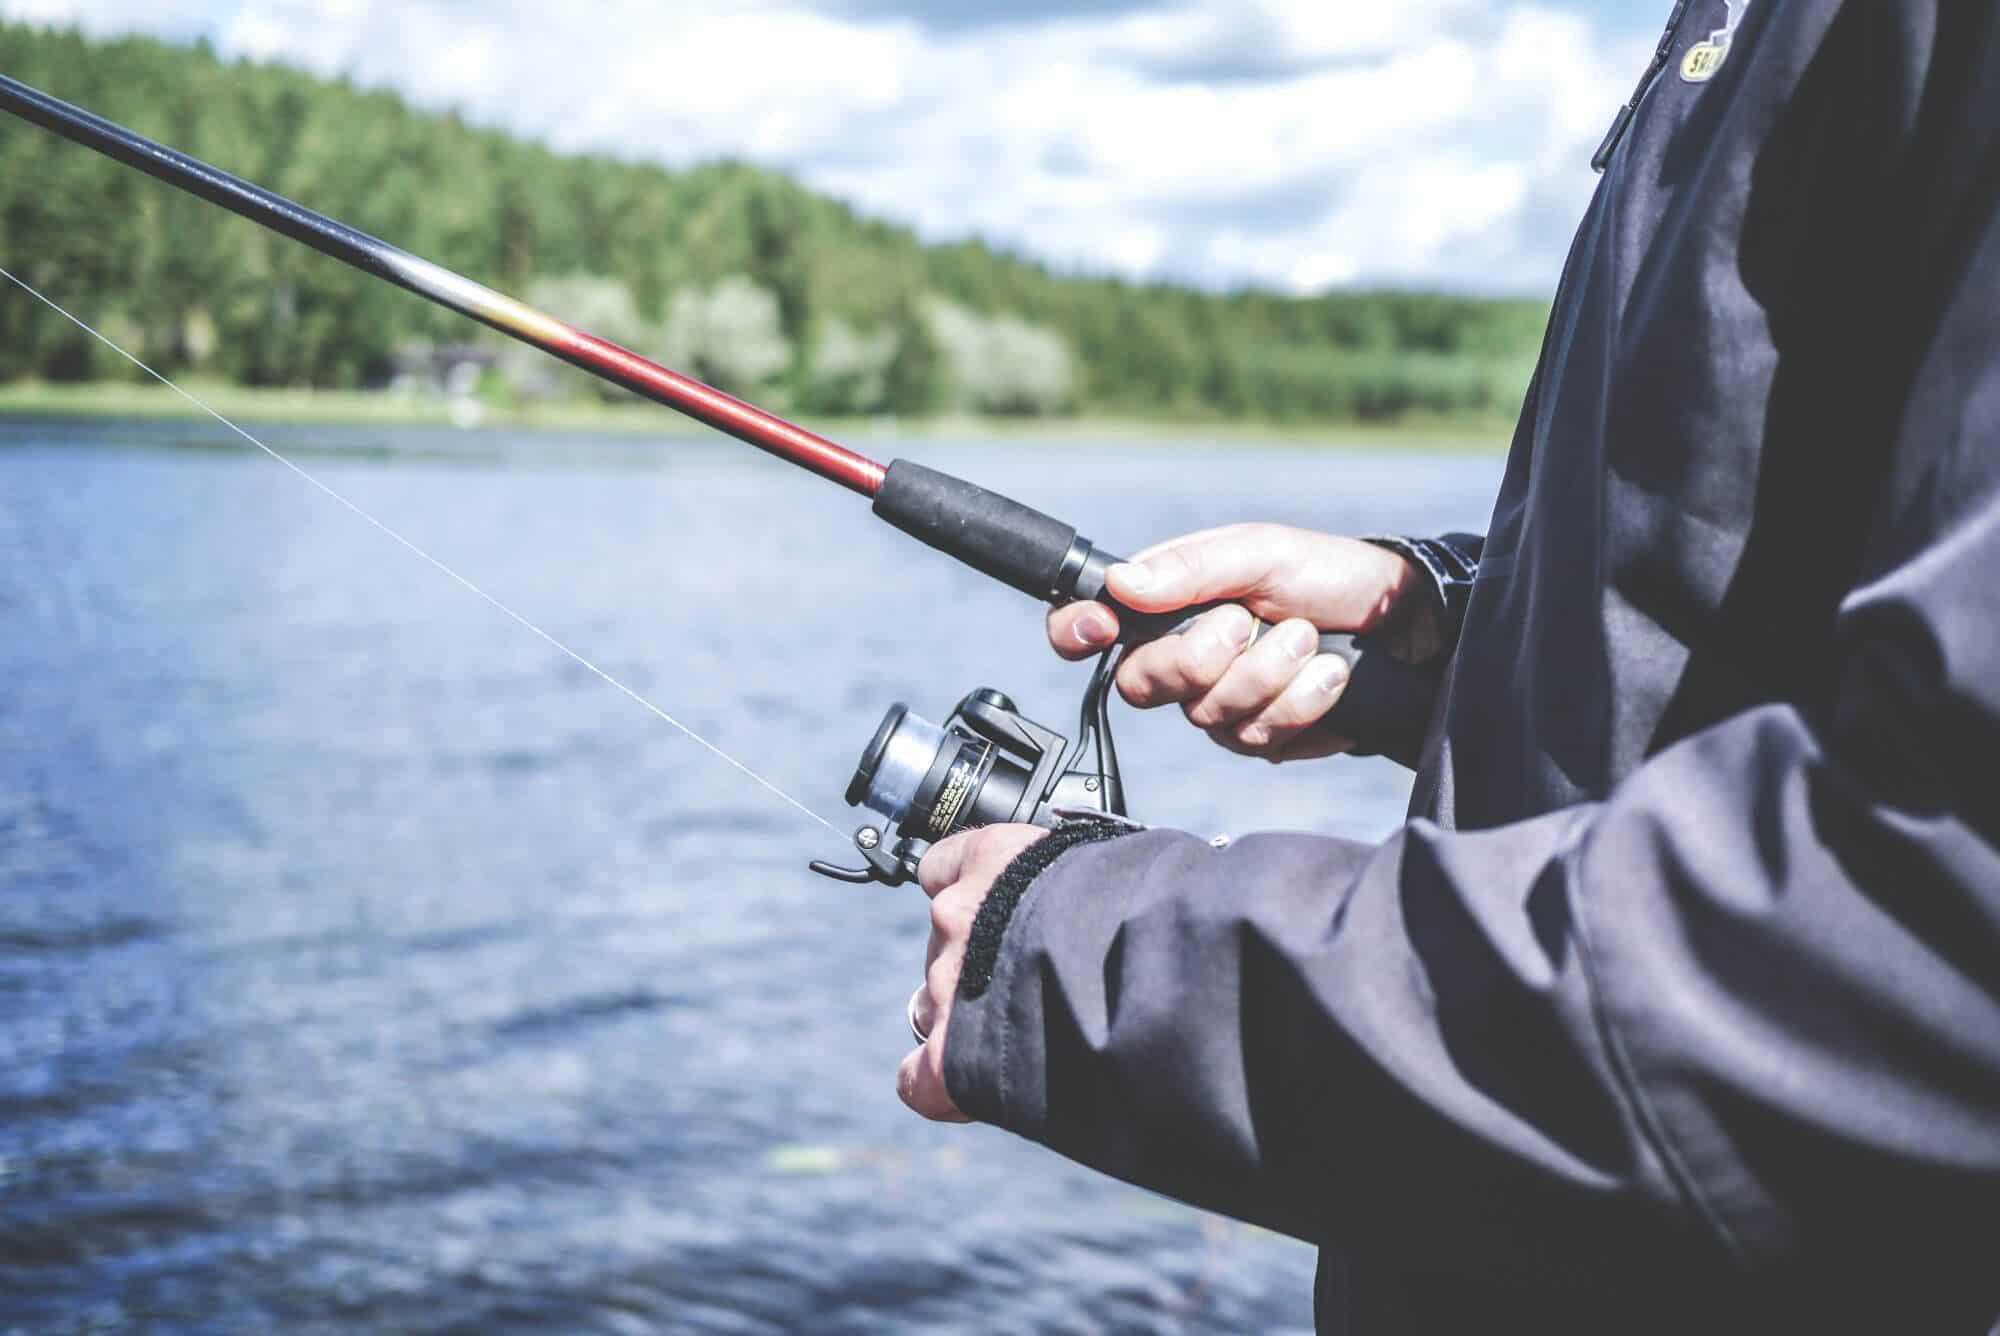 Fiskeri trender: Sådan bliver du fiske-klar